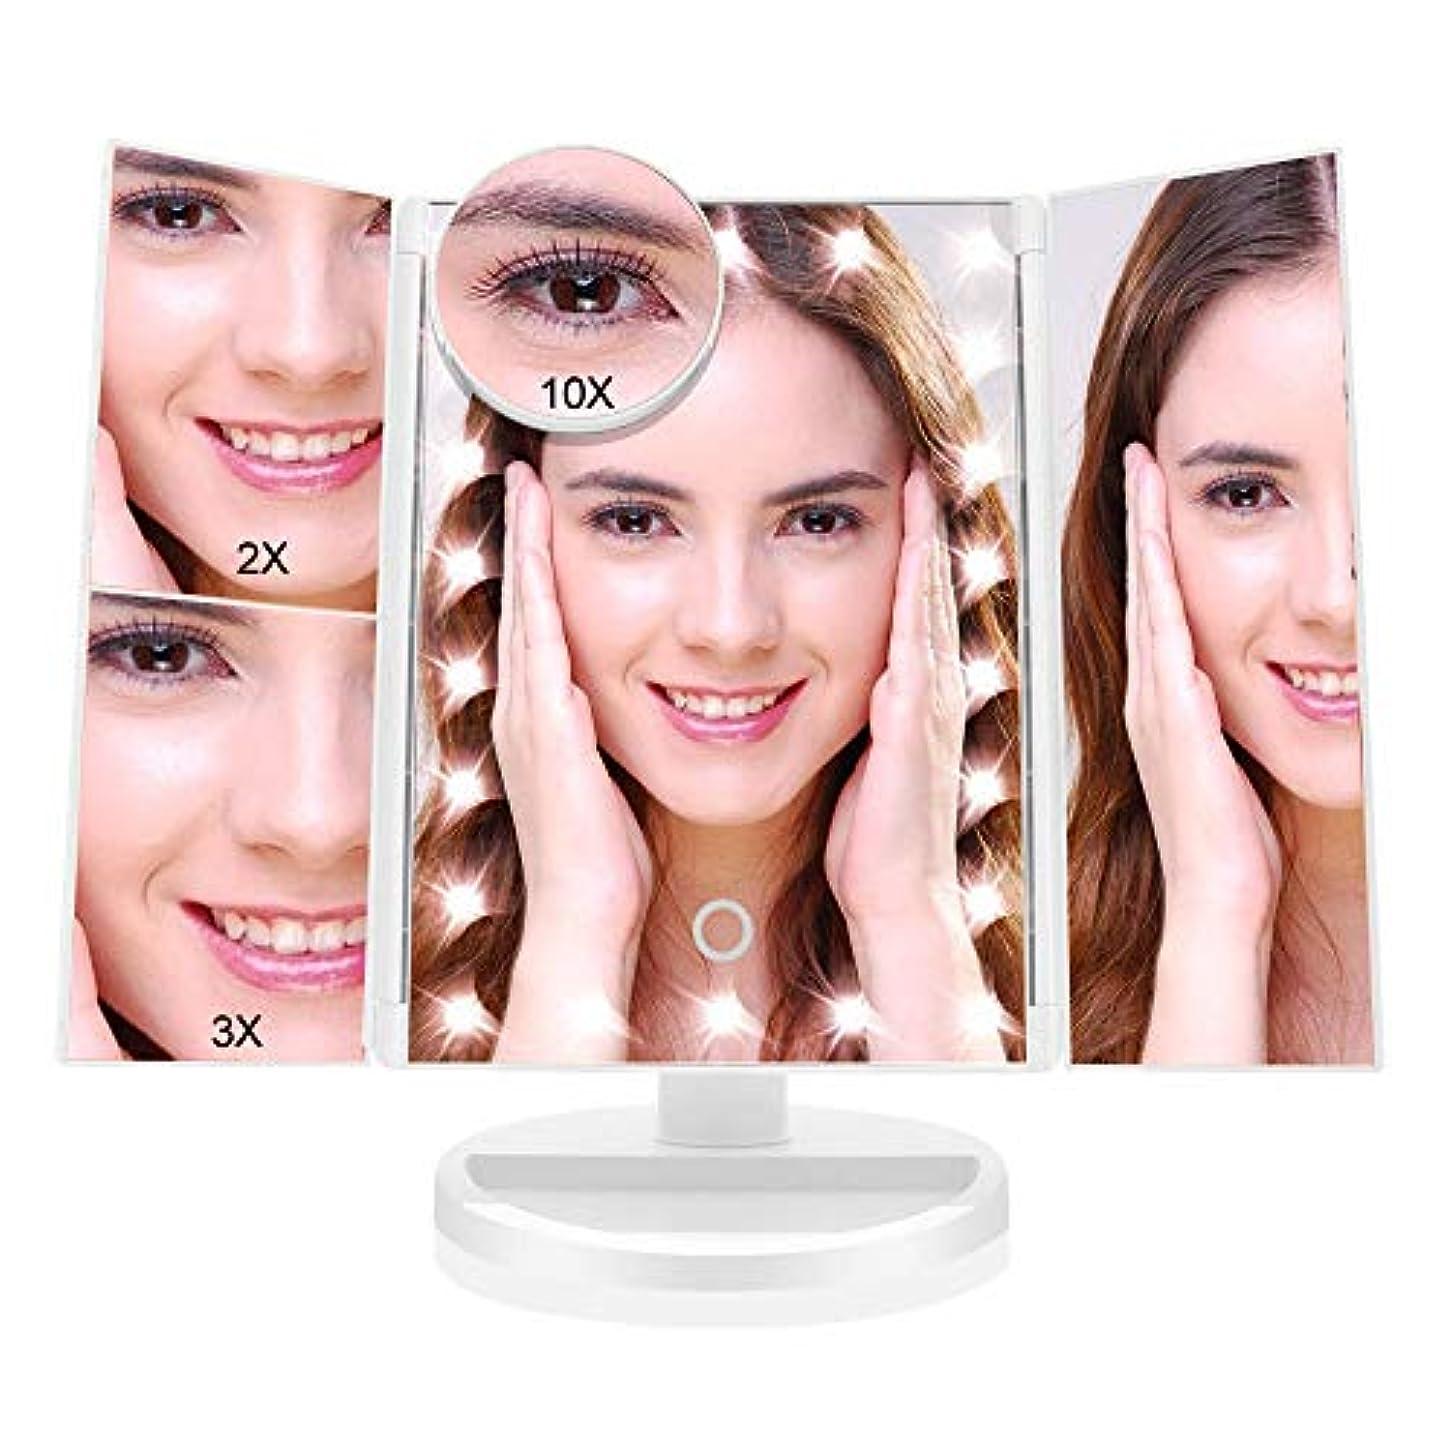 袋レビュアー作動する化粧鏡 化粧ミラー 鏡 三面鏡 女優 卓上 21個LED付き 拡大鏡 2X 3X 10X 倍 明るさ調節可能 180°回転 電池&USB2WAY給電 収納便利